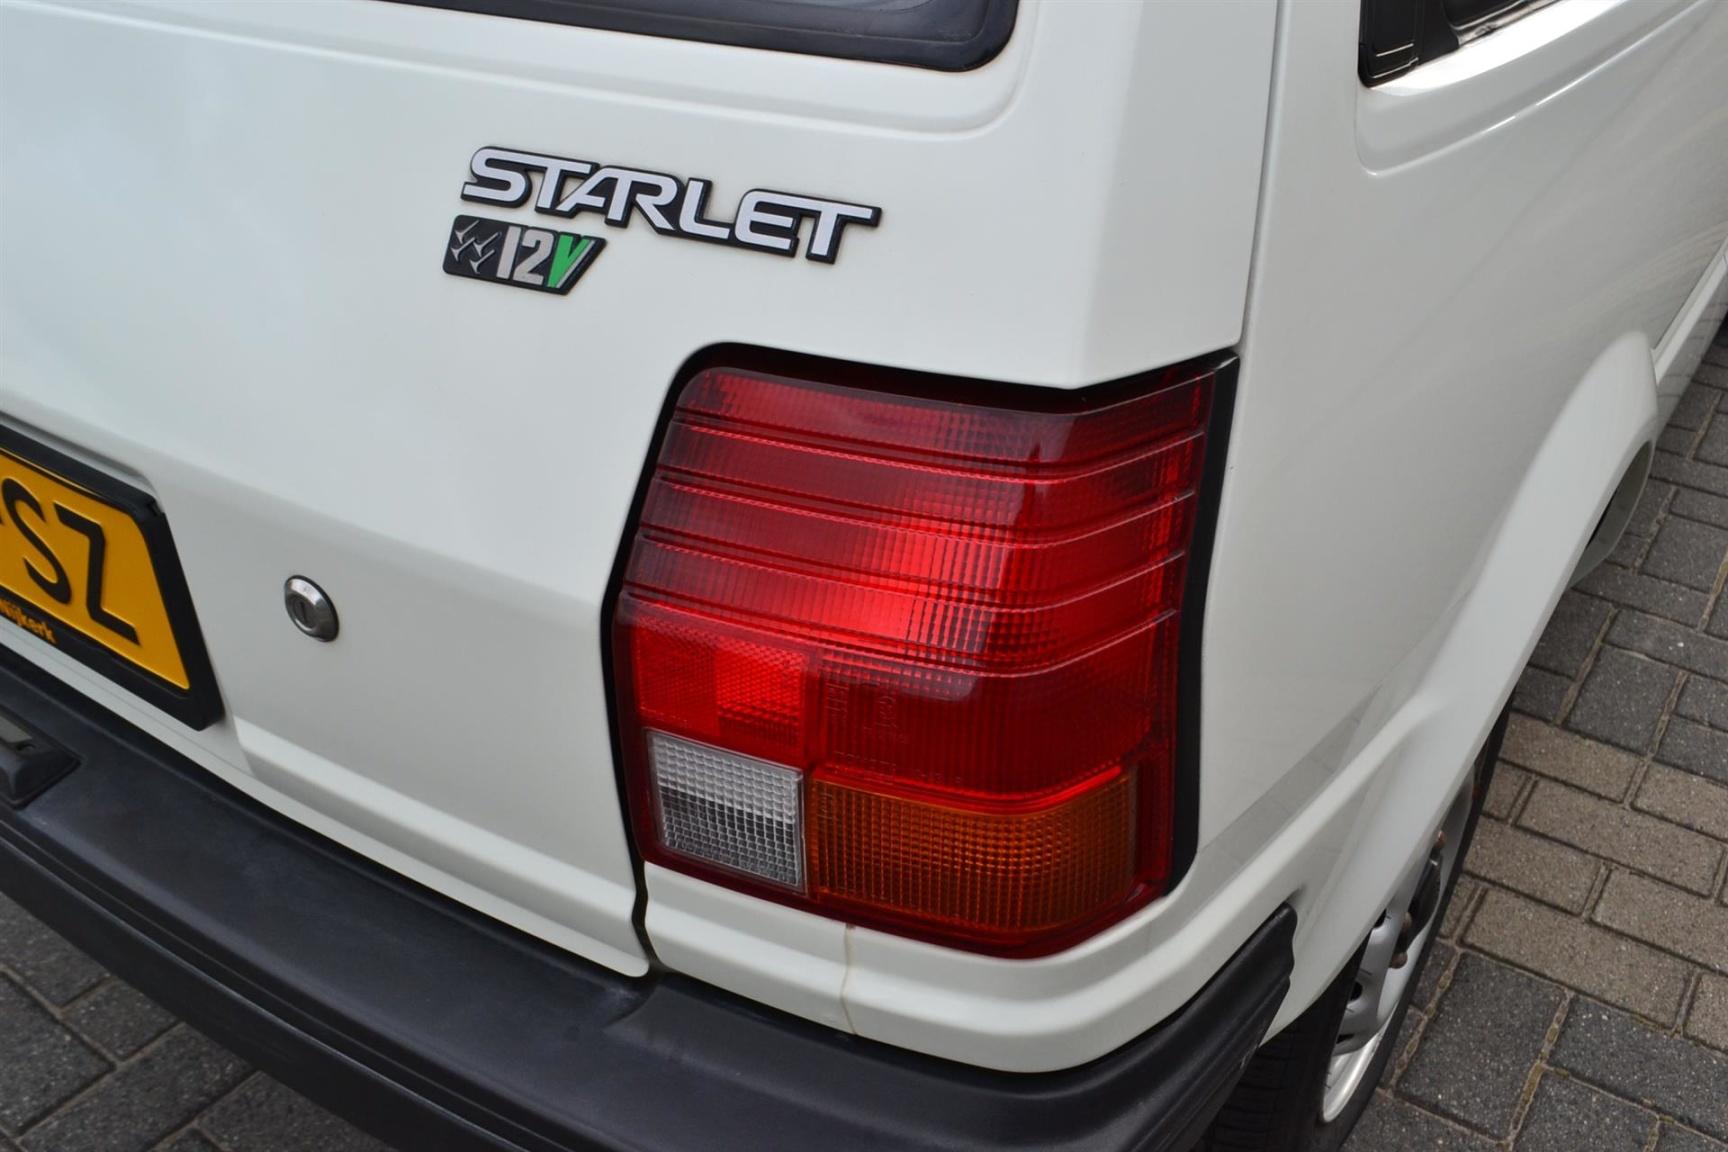 Toyota-Starlet-31